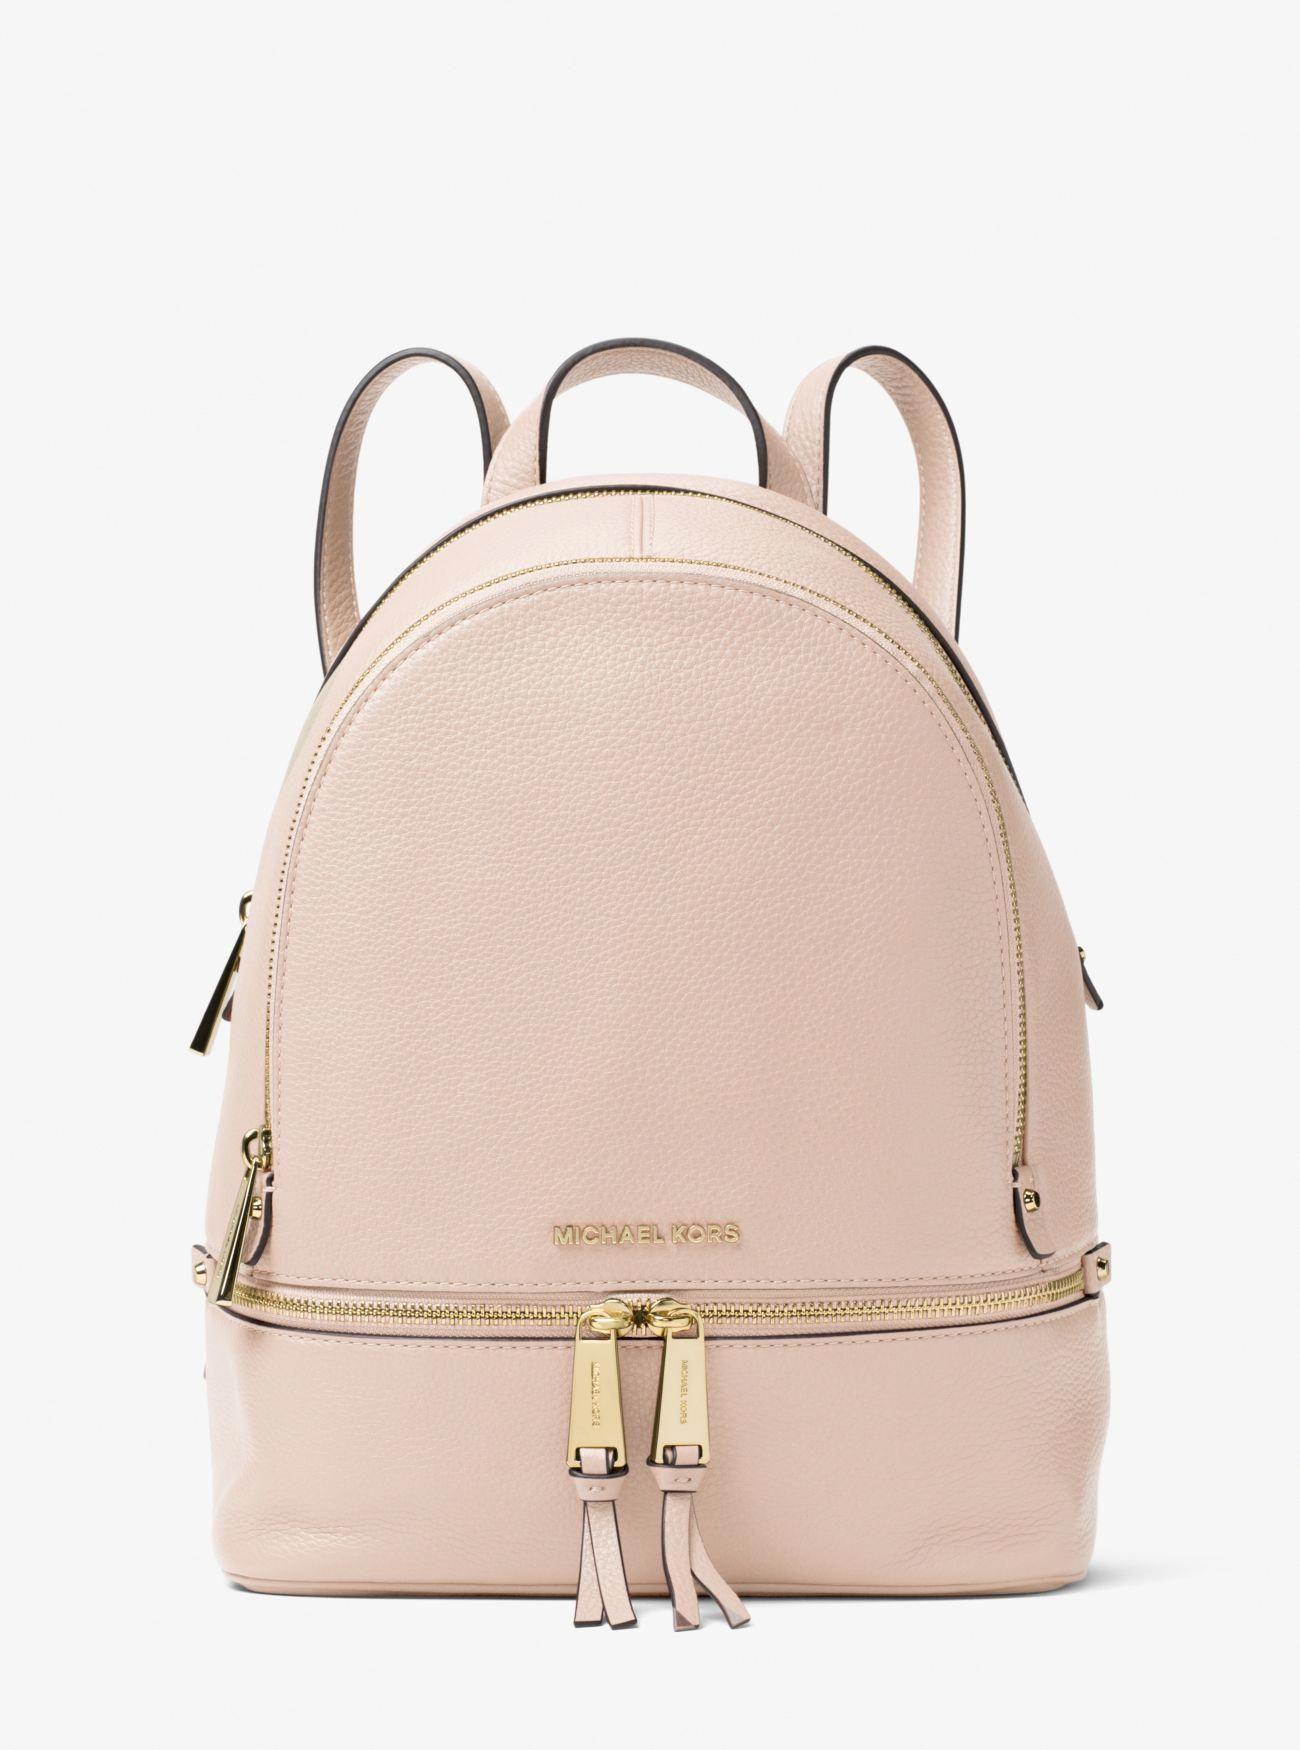 48f68747a0e7 Rhea Medium Leather Backpack #Handbagsmichaelkors | Handbags michael ...